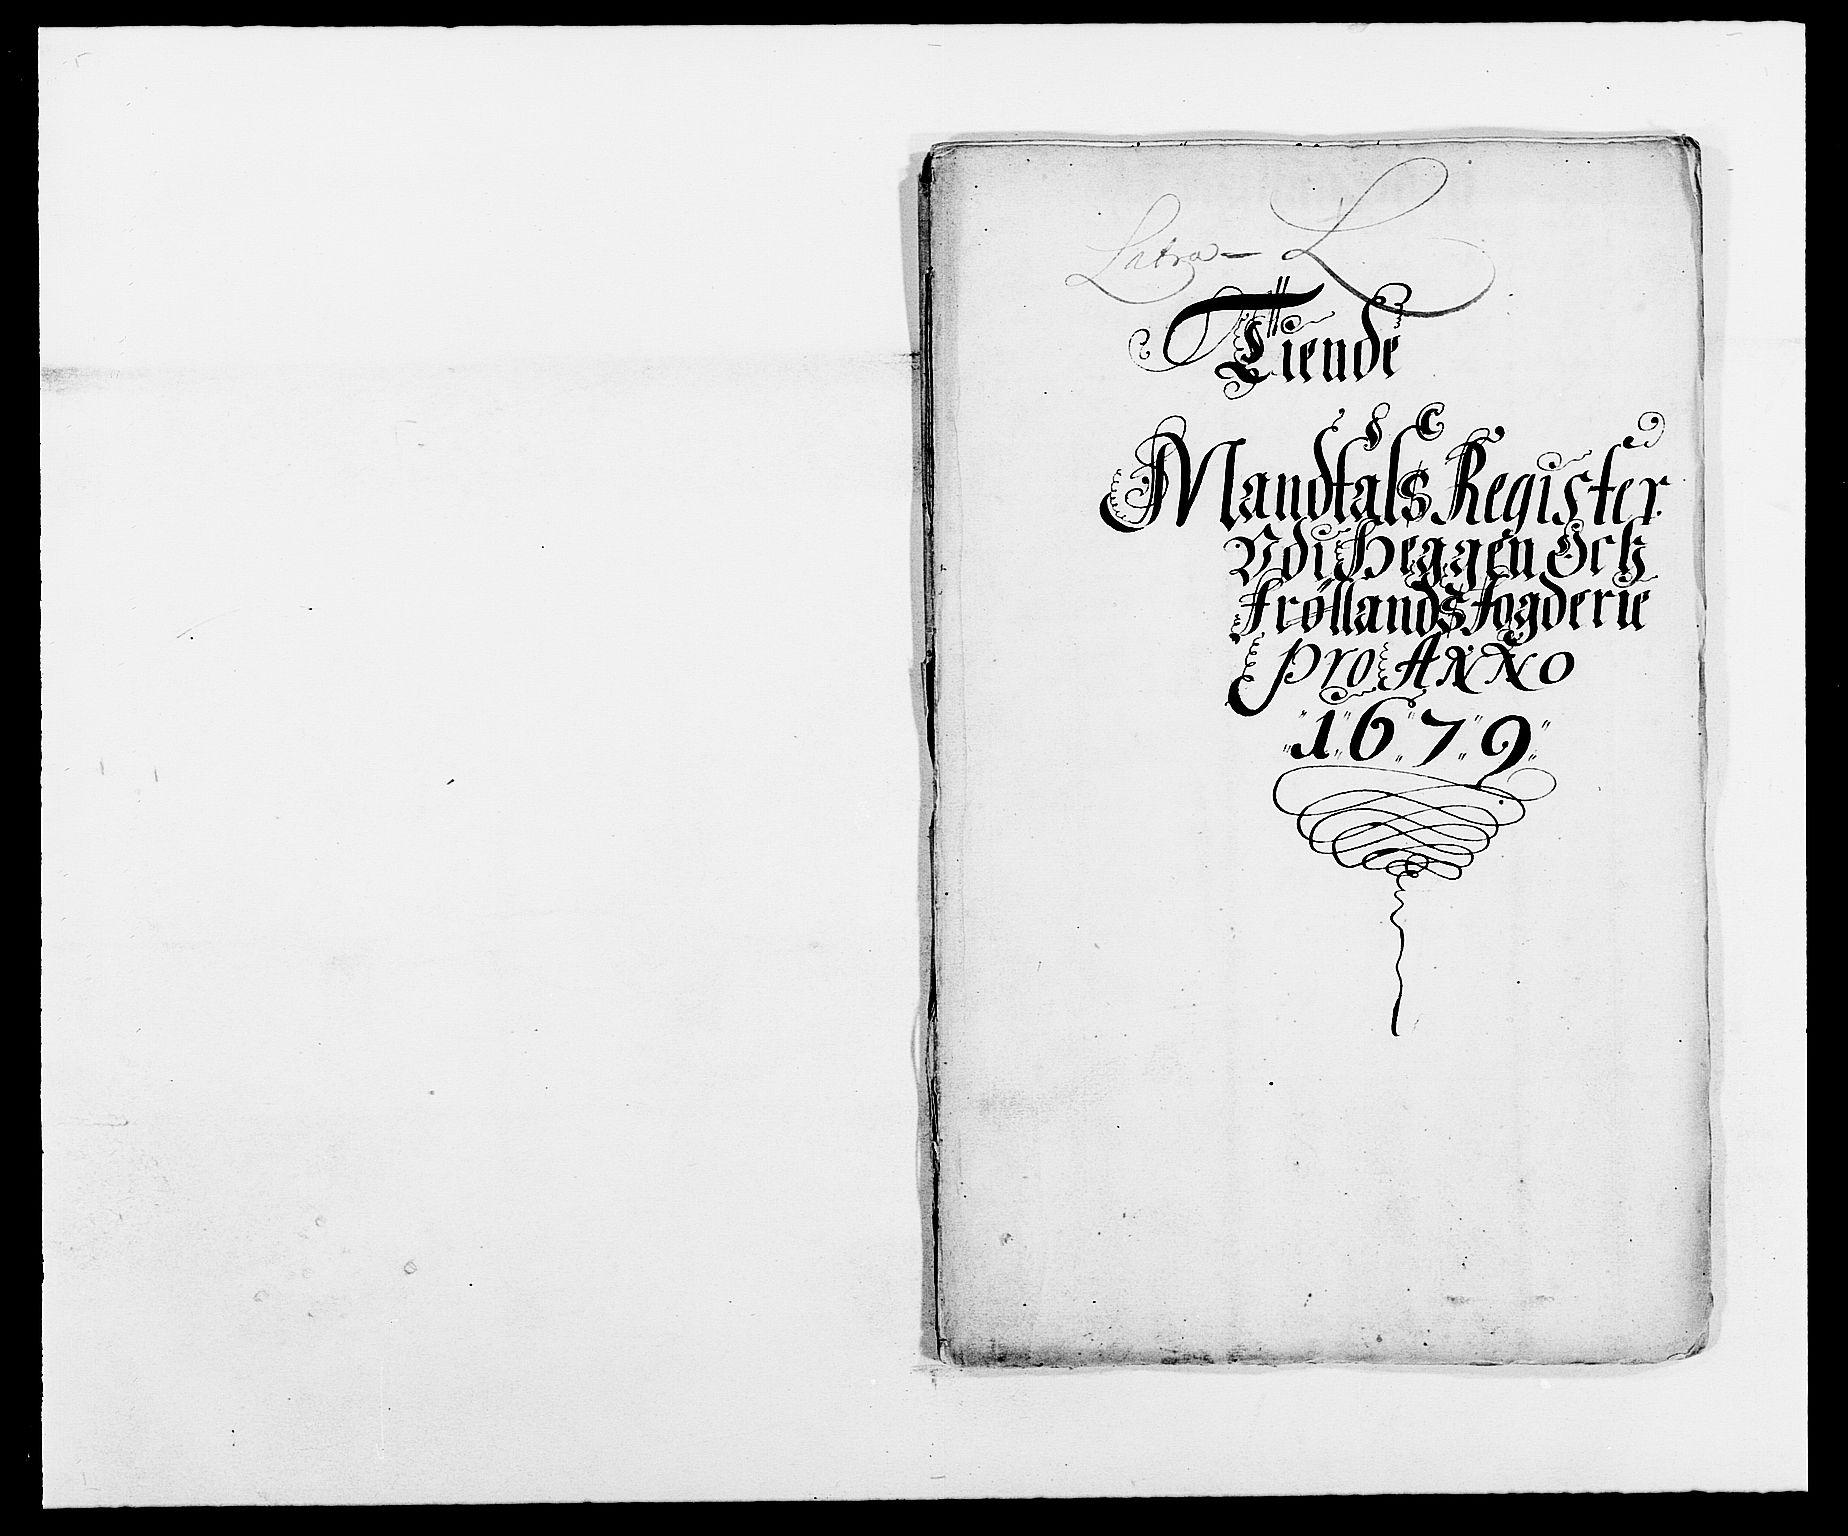 RA, Rentekammeret inntil 1814, Reviderte regnskaper, Fogderegnskap, R06/L0279: Fogderegnskap Heggen og Frøland, 1678-1680, s. 249